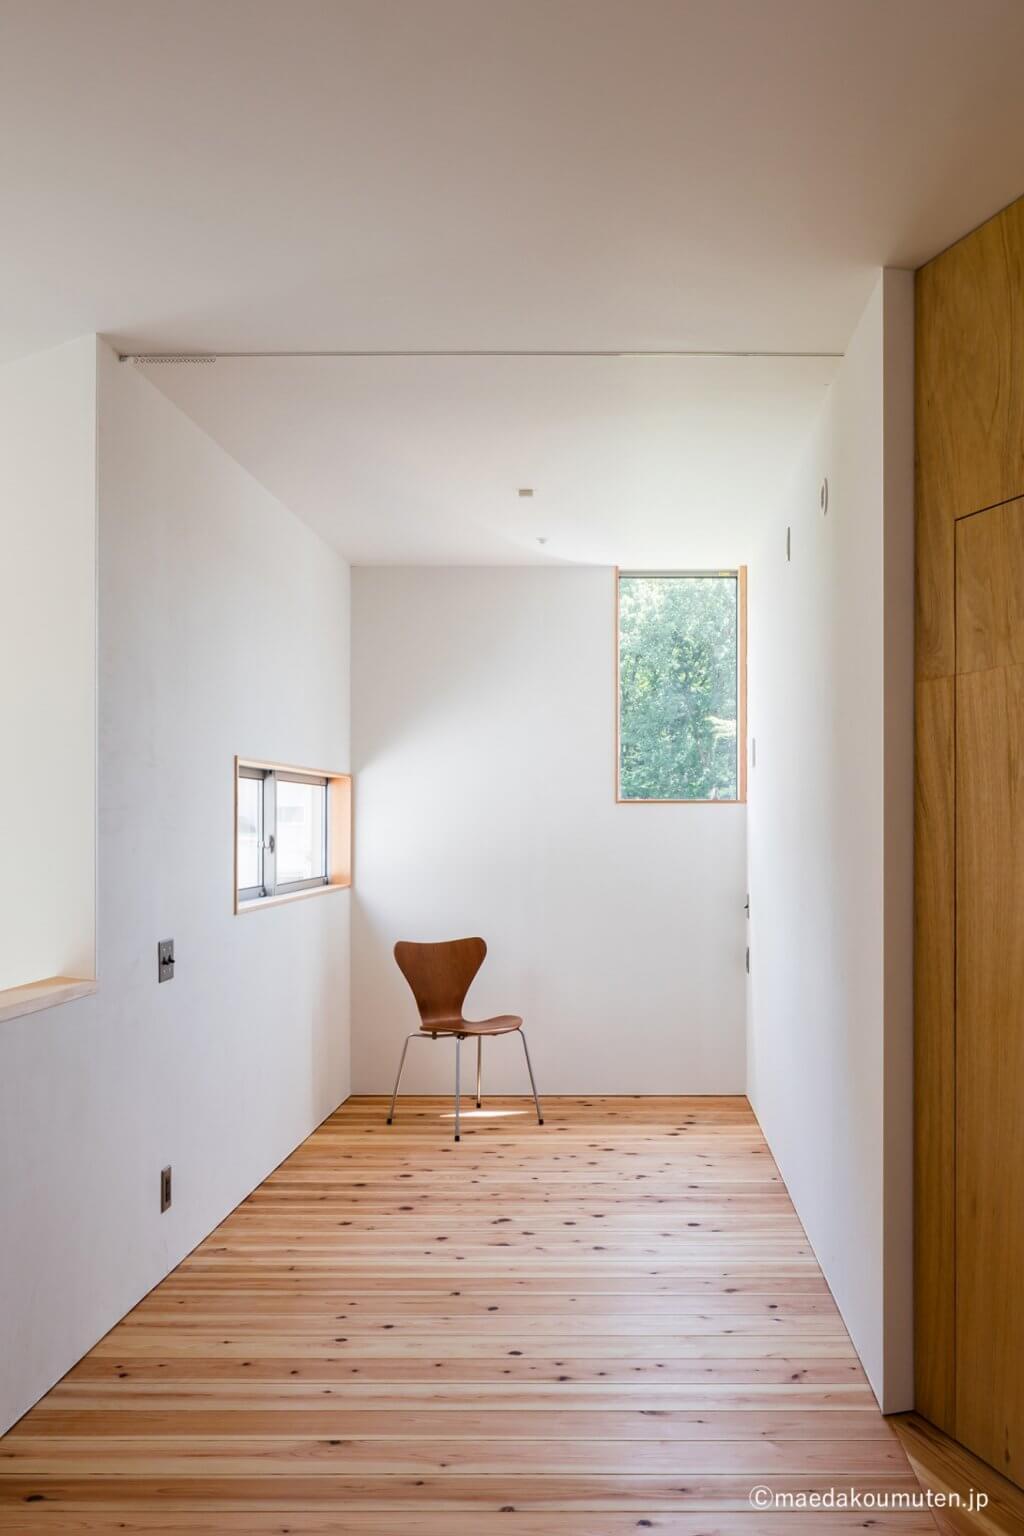 神奈川県、工務店、注文住宅、デザイン住宅、建築家、谷戸の家_23